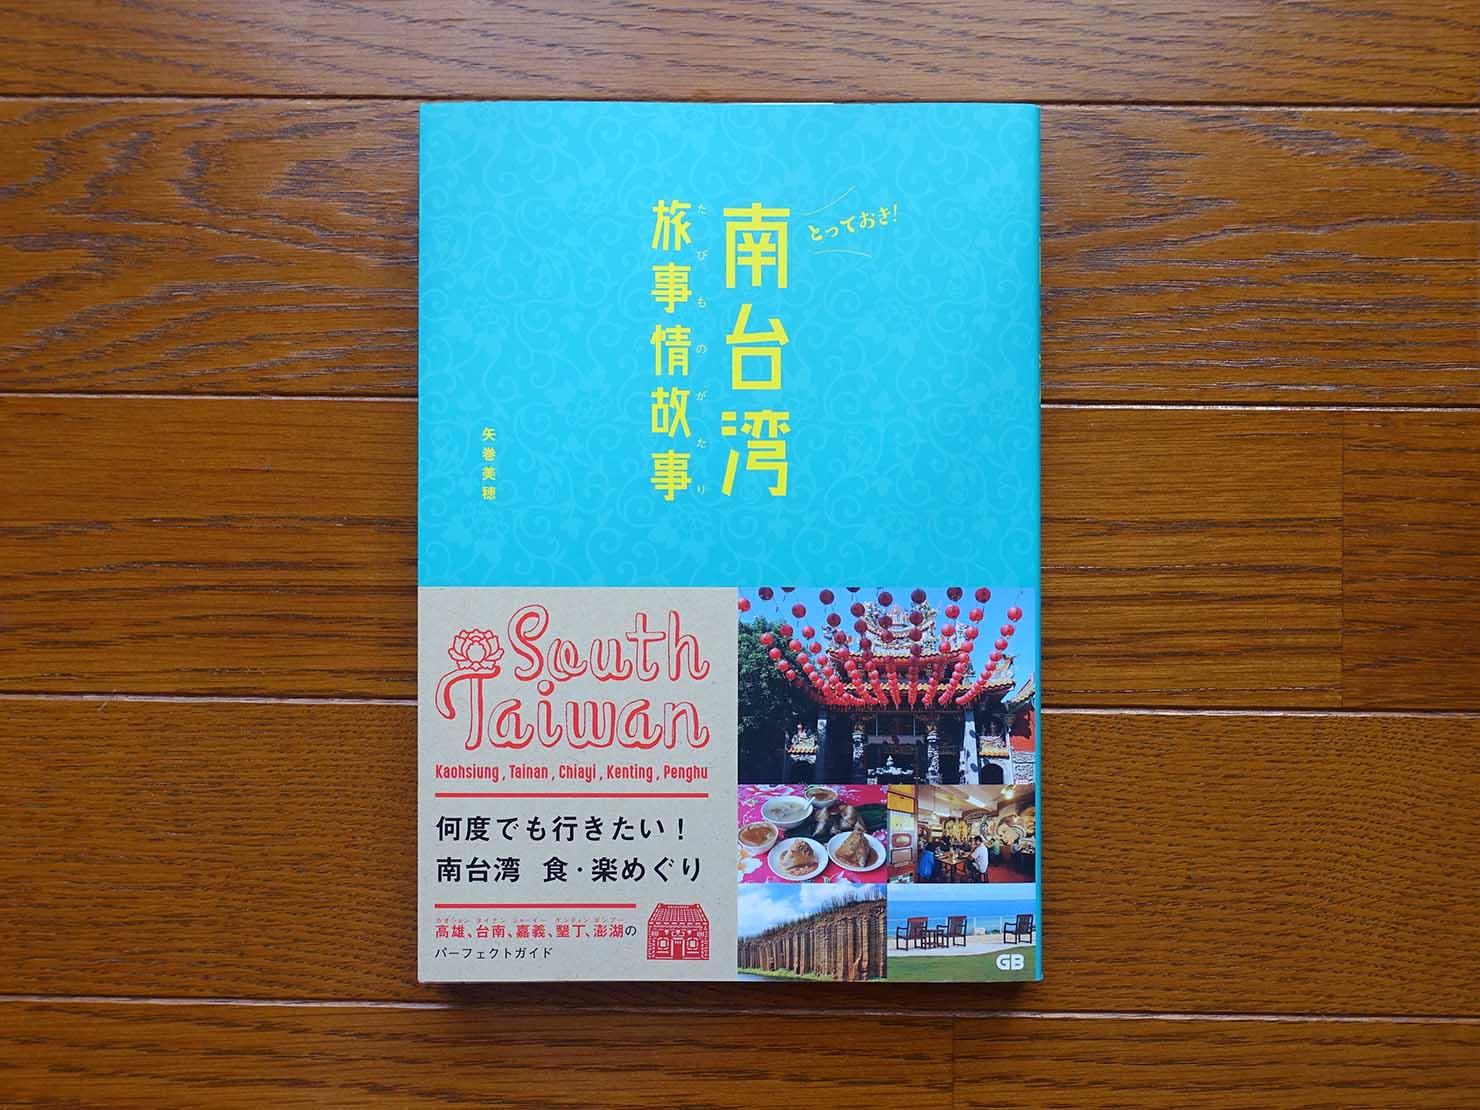 台南・高雄・墾丁など南部観光におすすめのガイドブック『とっておき!南台湾旅事情故事』